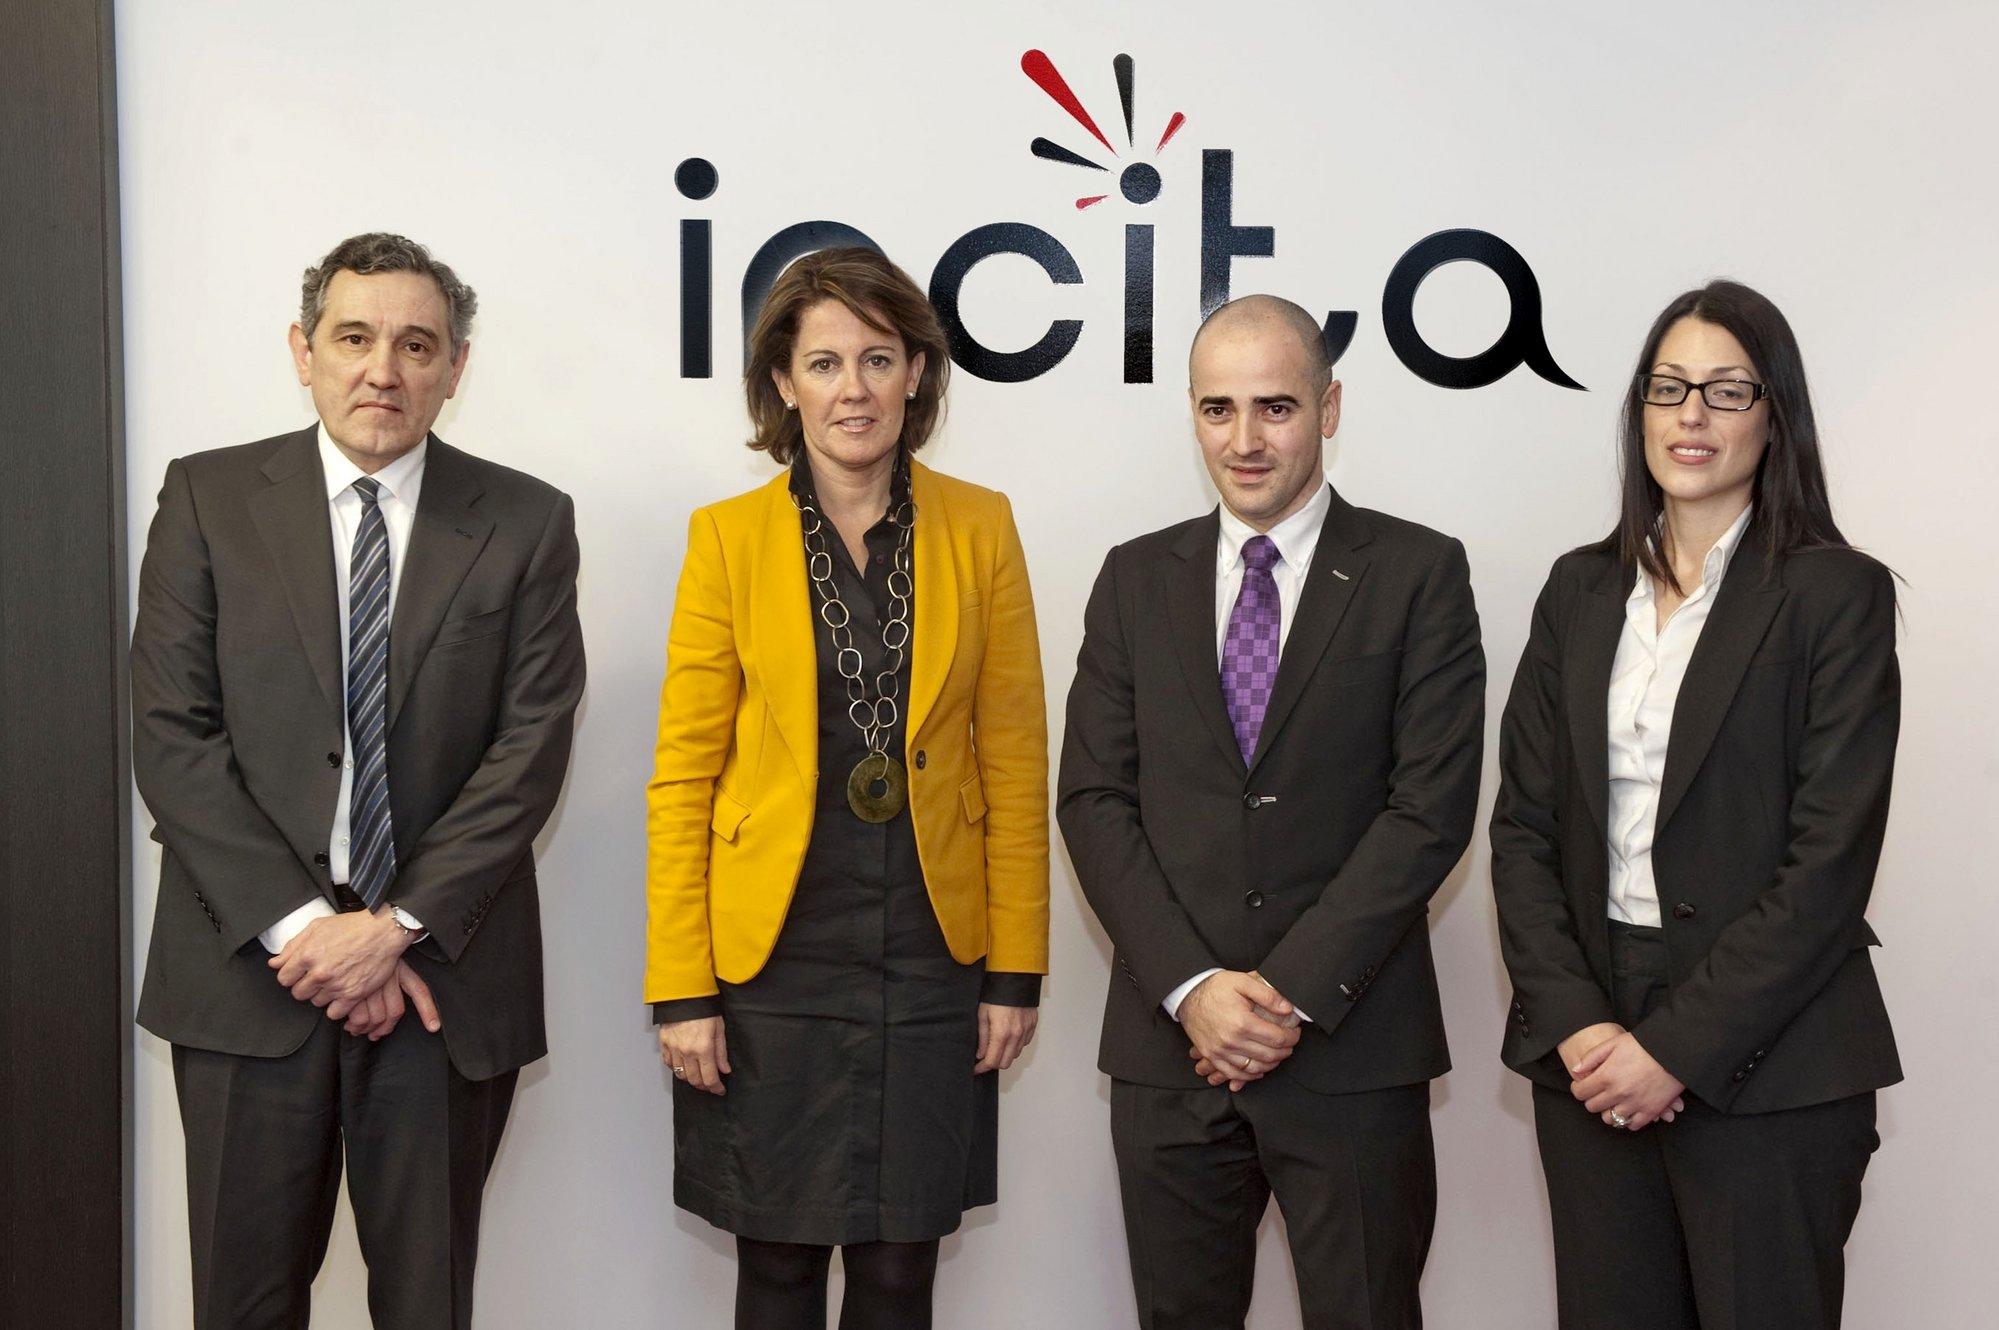 Barcina visita Incita, una empresa surgida en 2009, con un volumen de negocio de 7,5 millones